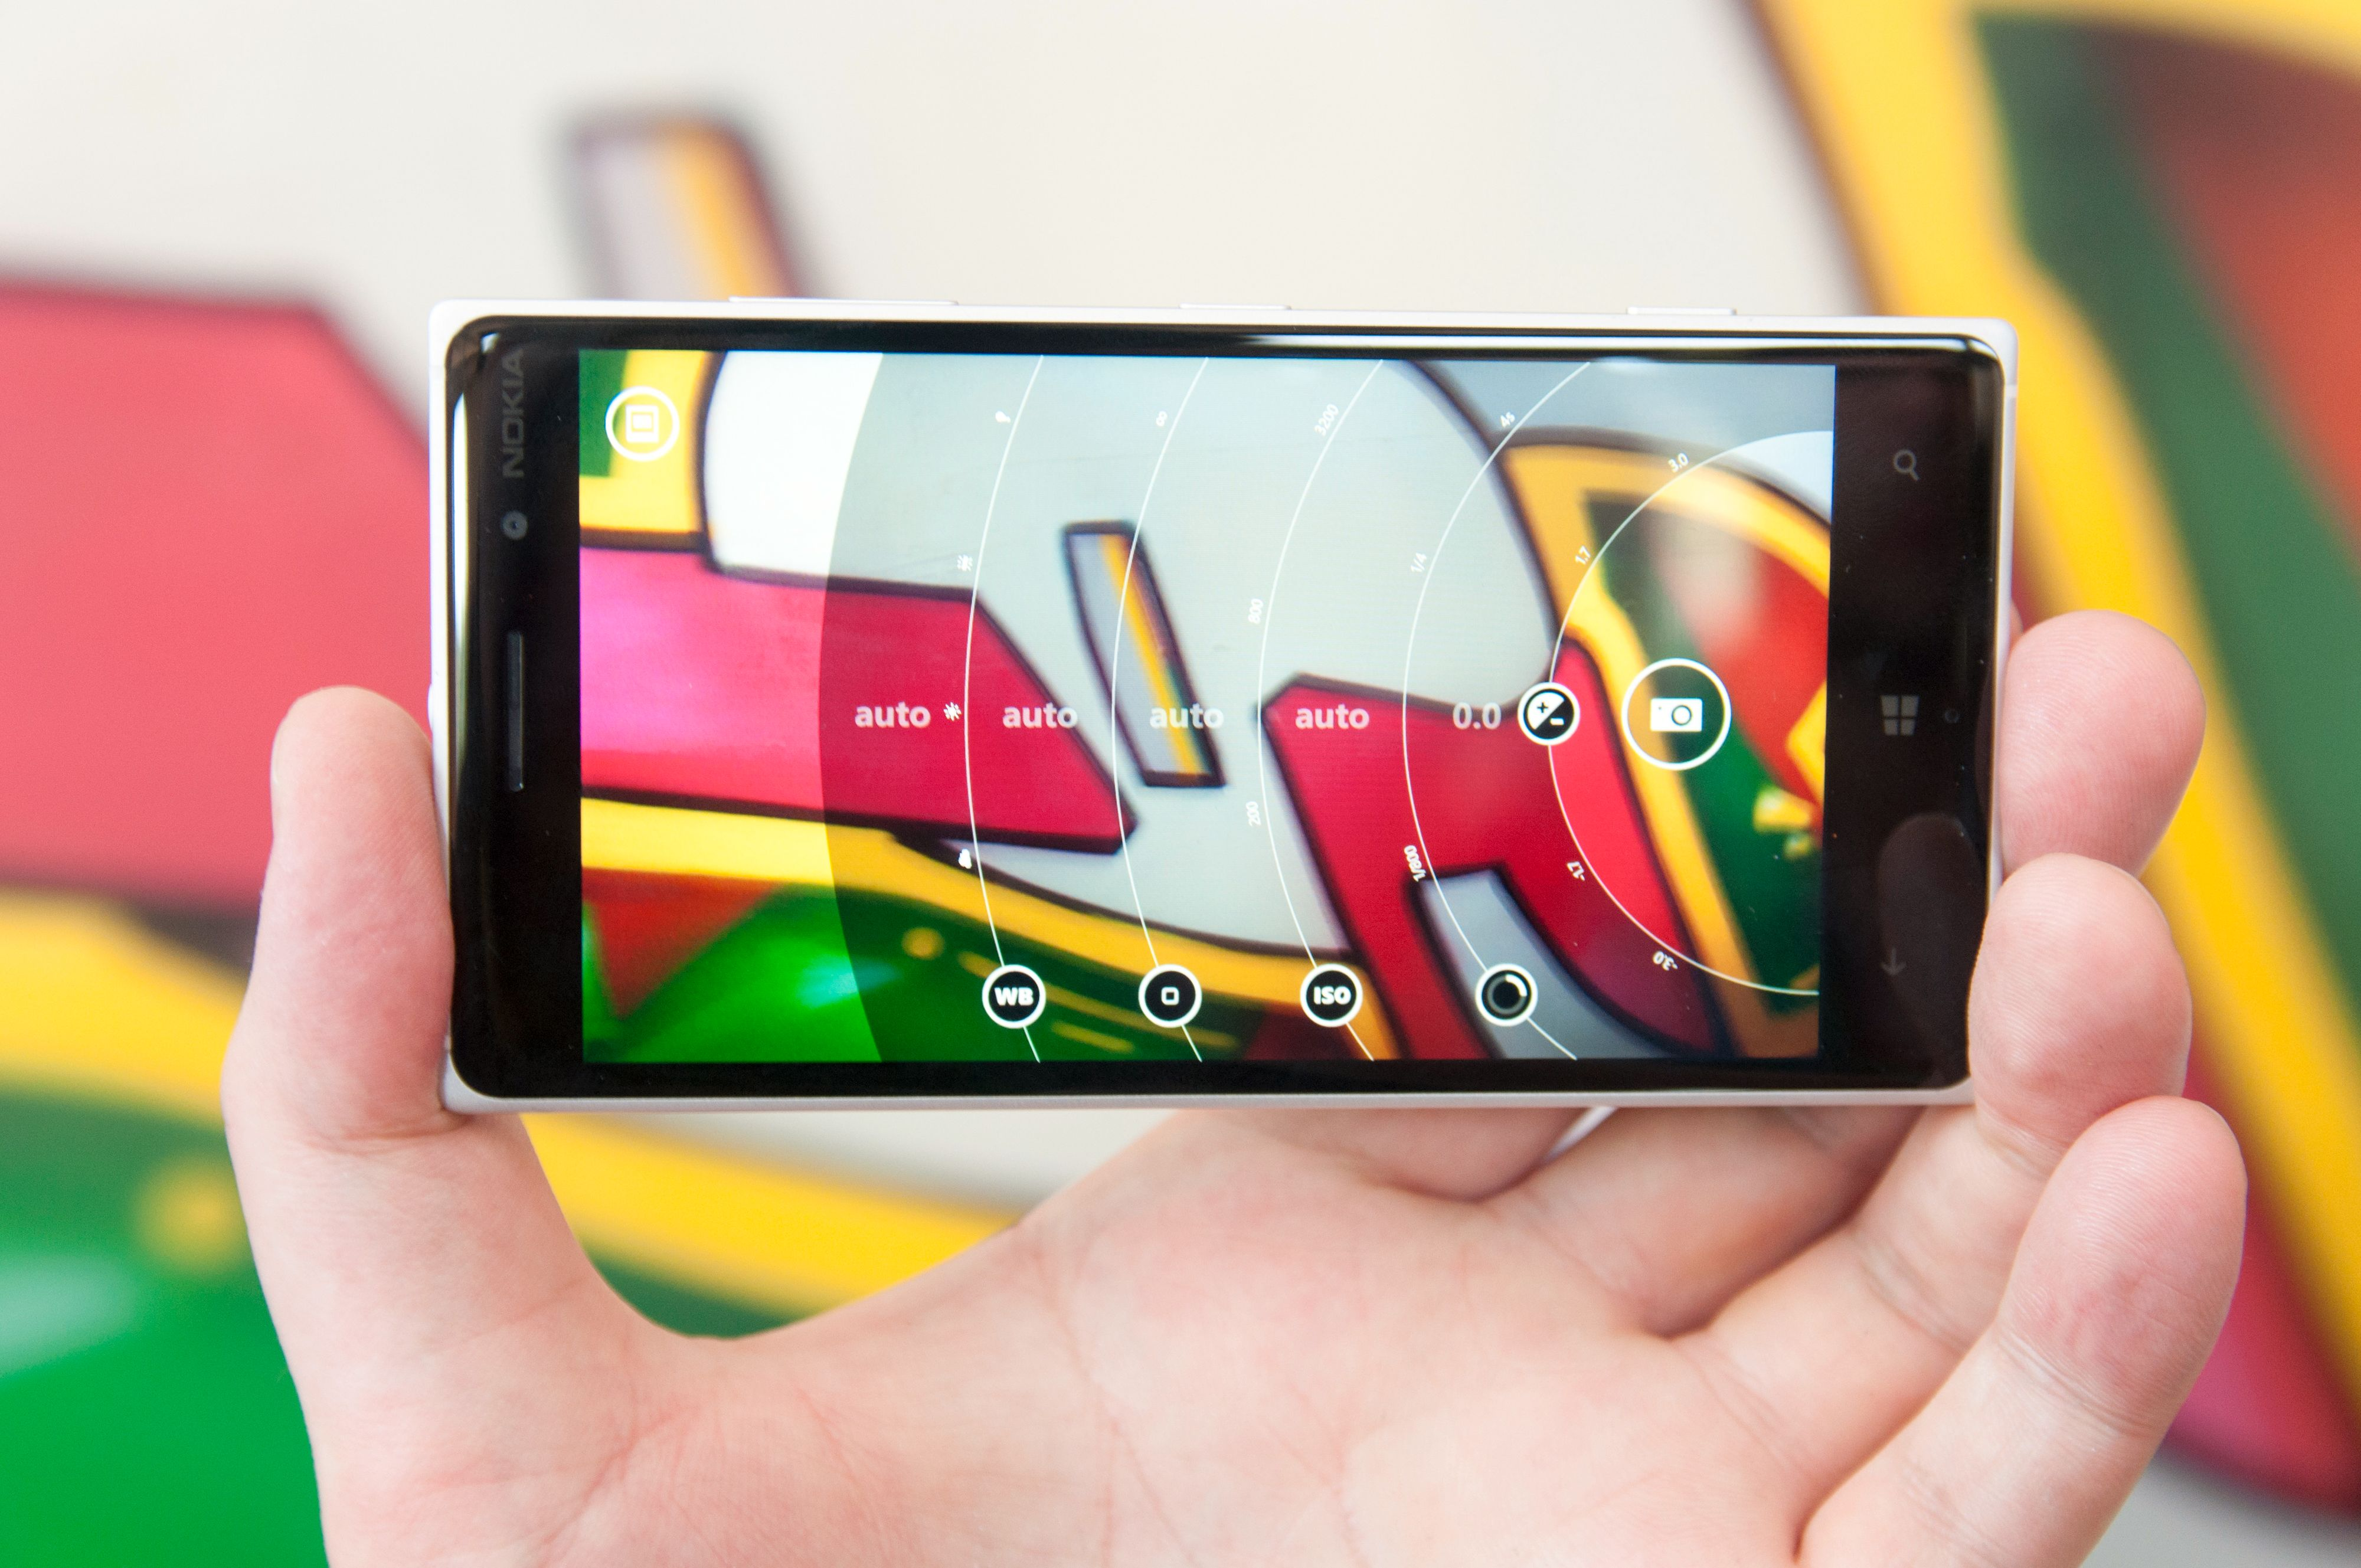 Nokia Camera-appen gjør avanserte innstillinger så enkle å bruke at fotograferingen blir en lek. I tillegg har den flere unike funksjoner.Foto: Finn Jarle Kvaheim, Amobil.no